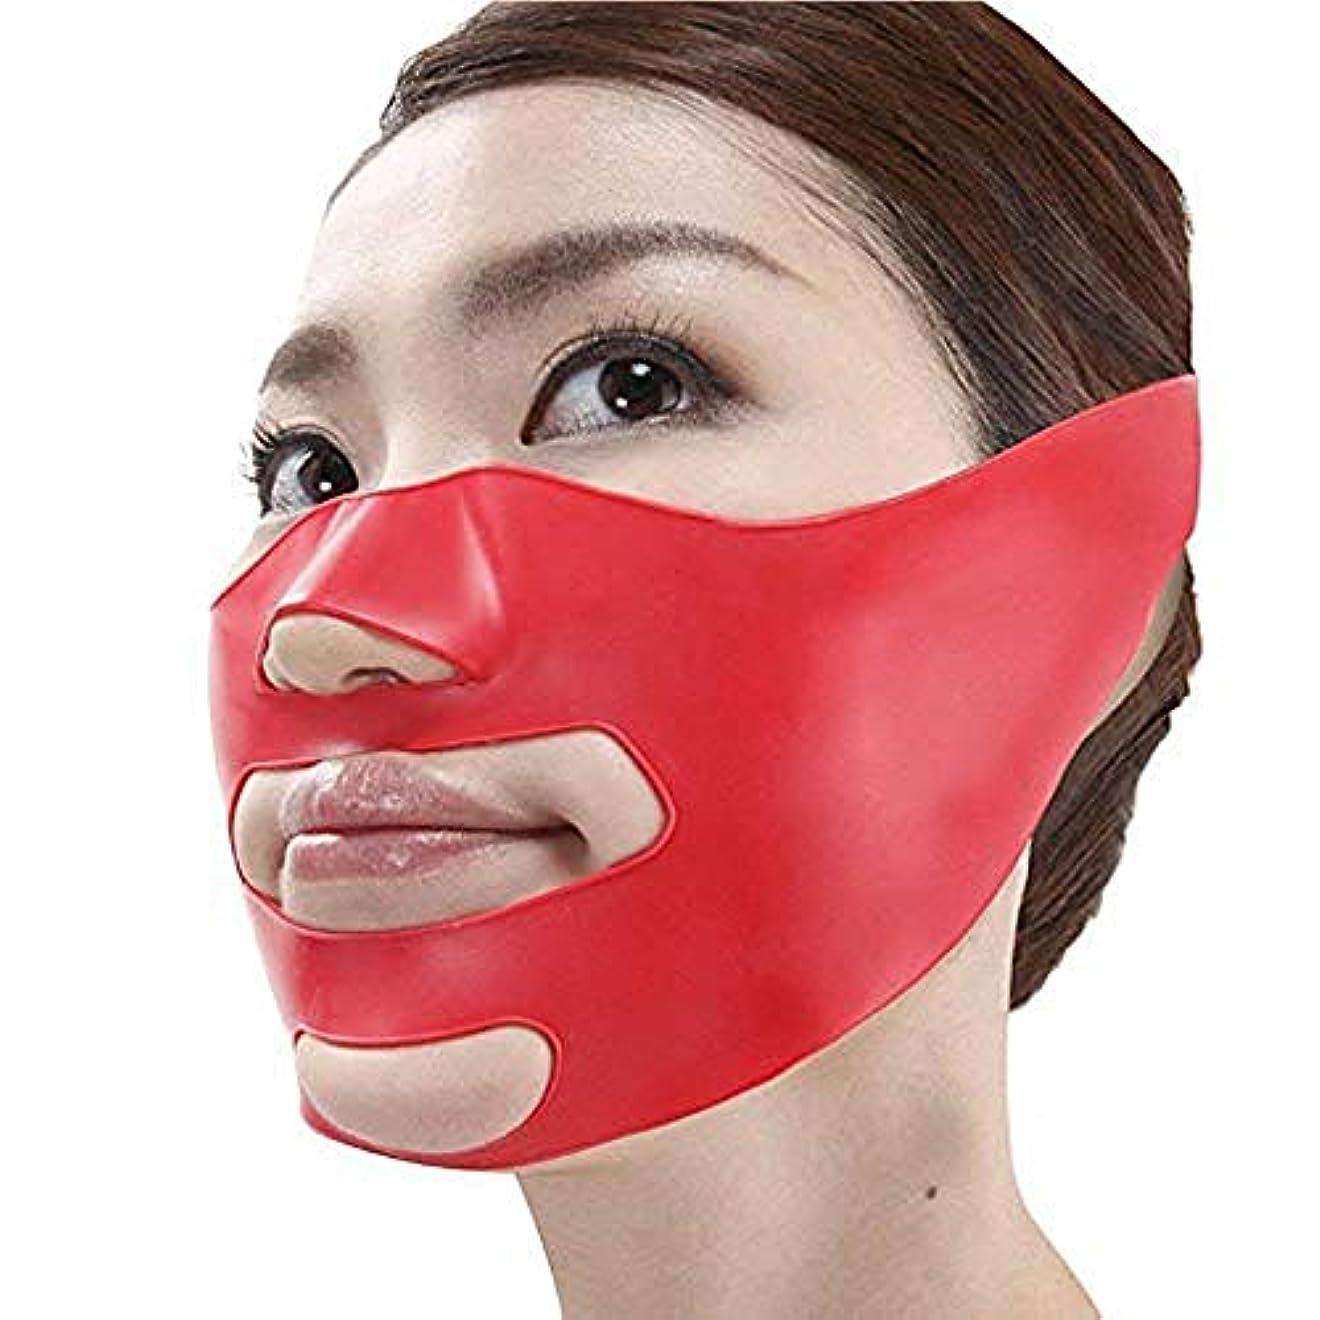 高音愛されし者ドアミラーLindexs 小顔矯正 マスク 小顔補正ベルト ほうれい線 3Dエクササイズマスク リフトスリムマスク 抗シワ サウナマスク 法令線予防 美容グッ (フリーサイズ)